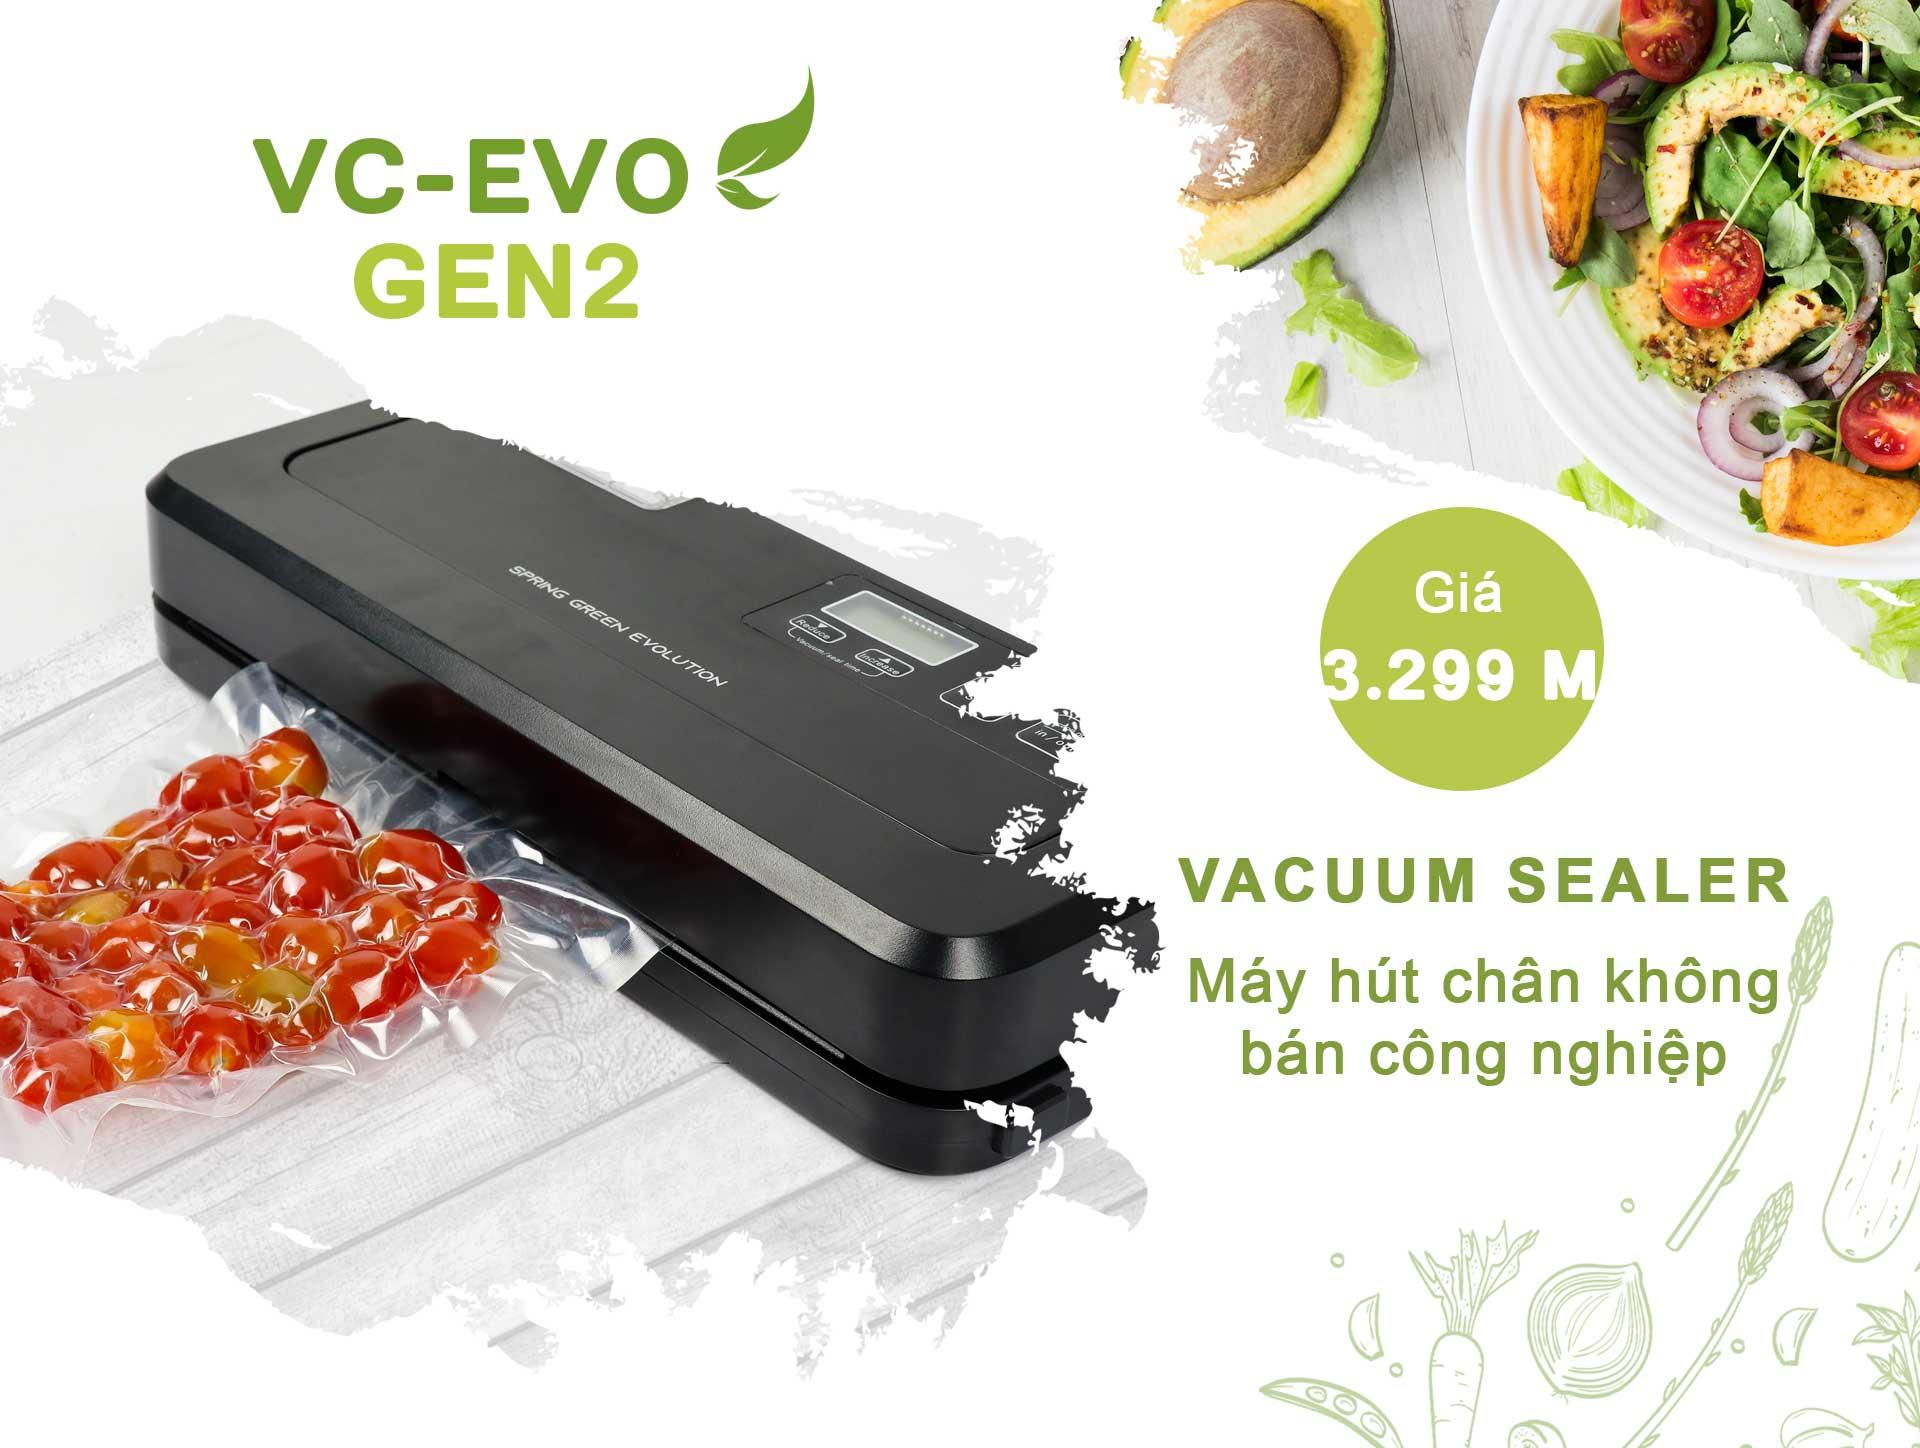 Máy hút chân không-กึ่งอุตสาหกรรม-VC-EVO-Gen2-ราคา